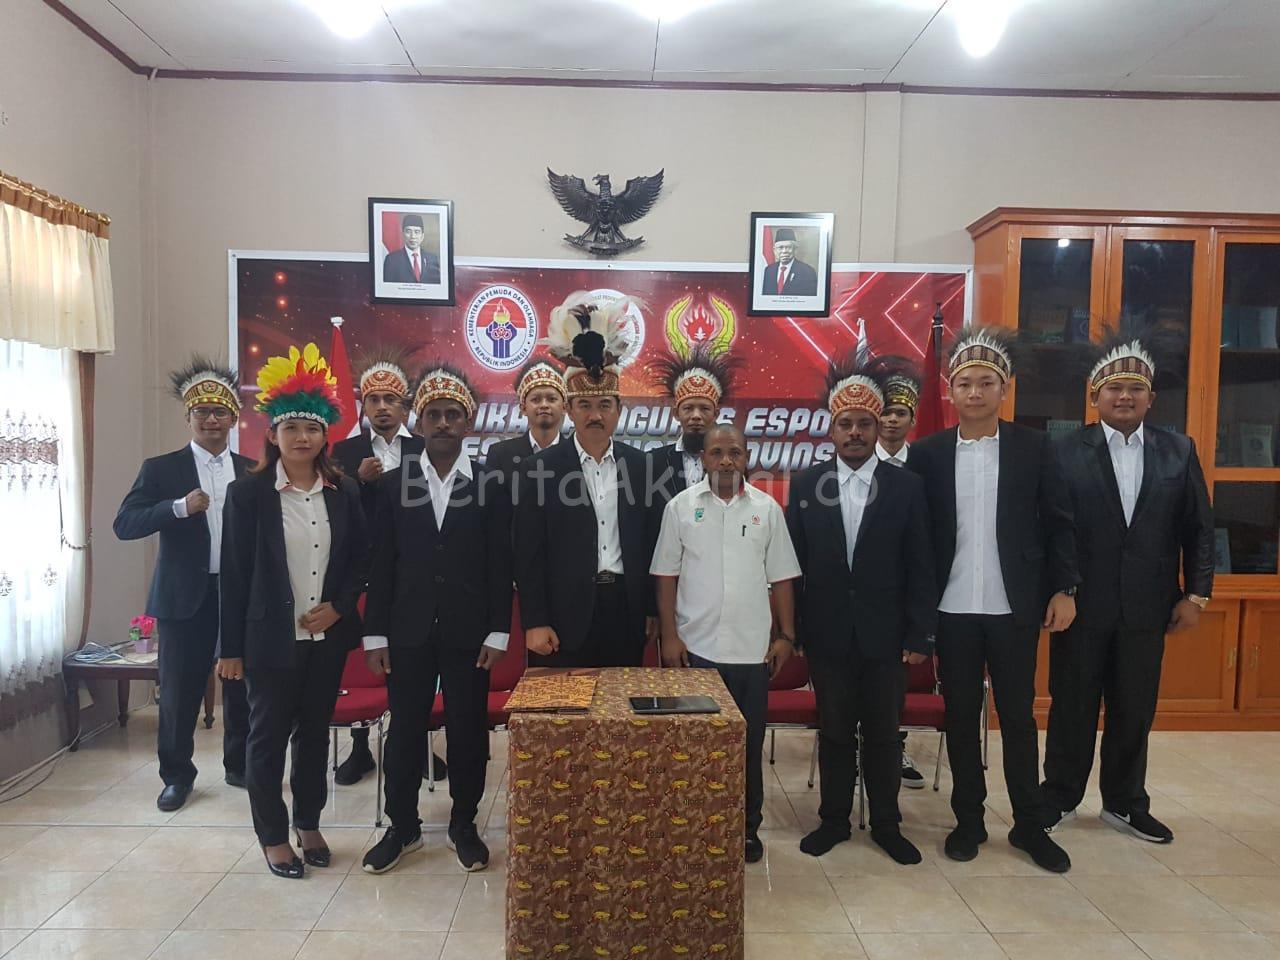 Pertama di Indonesia, Pengurus Esport Papua Barat Dilantik Serentak Secara Virtual 2 IMG 20200316 WA0033